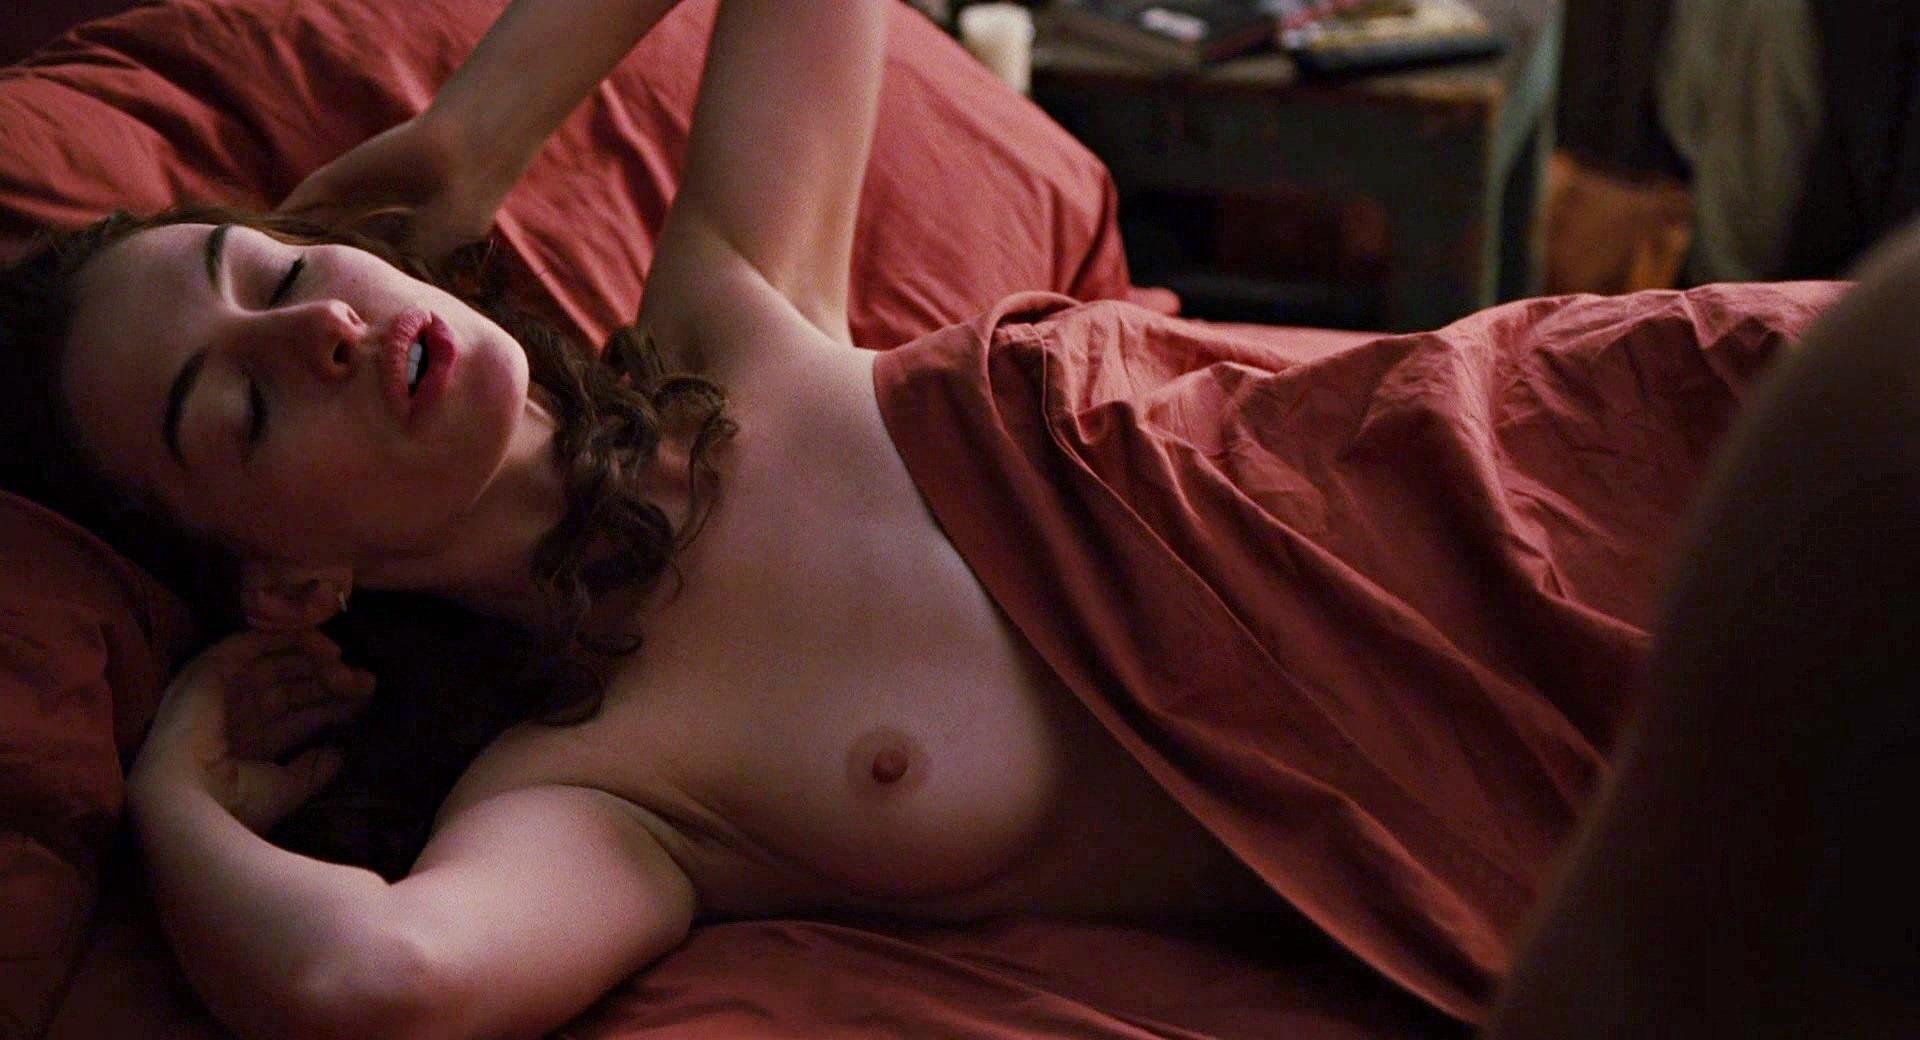 ハリウッド女優の濡れ場シーン、過激すぎてポルノにしか見えんwwwwww(118枚)・94枚目